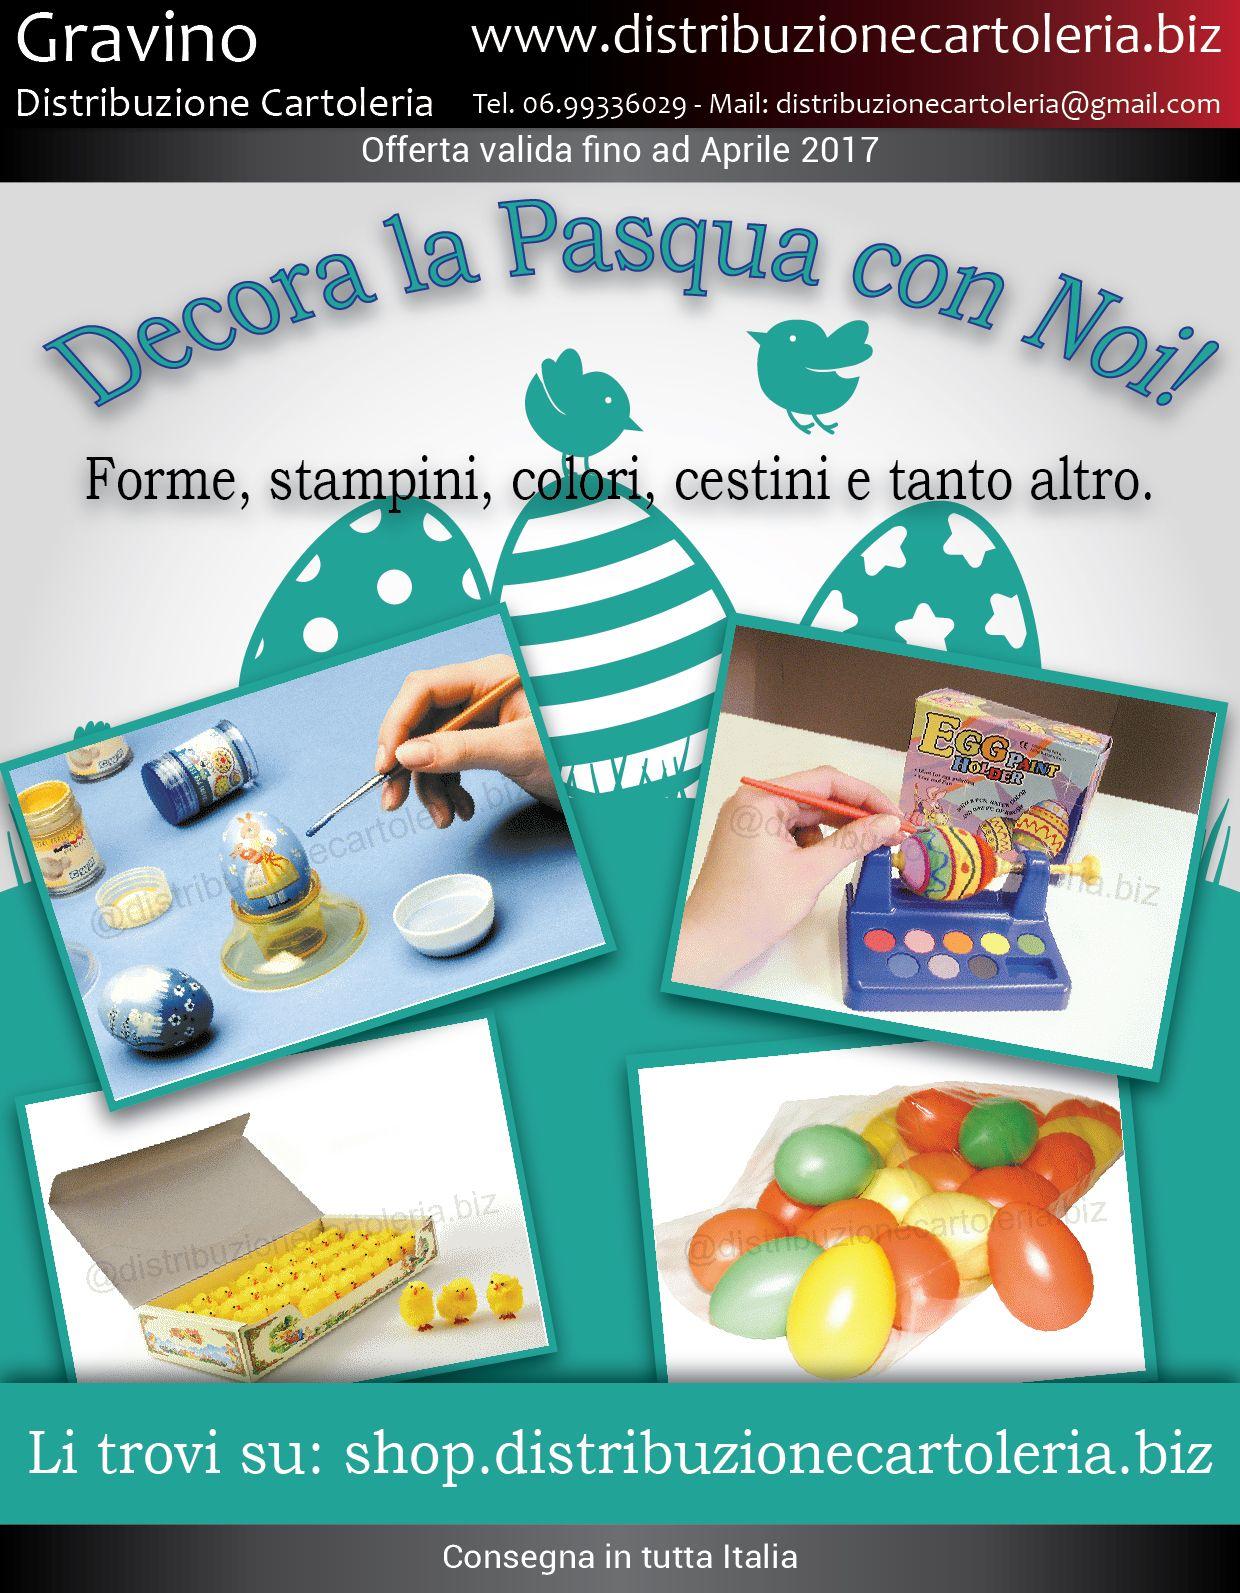 SIAMO PRONTI PER LA PASQUA. E VOI? Prodotti disponibili con consegna in tutta Italia Per vedere i prezzi clicca qui: http://shop.distribuzionecartoleria.biz